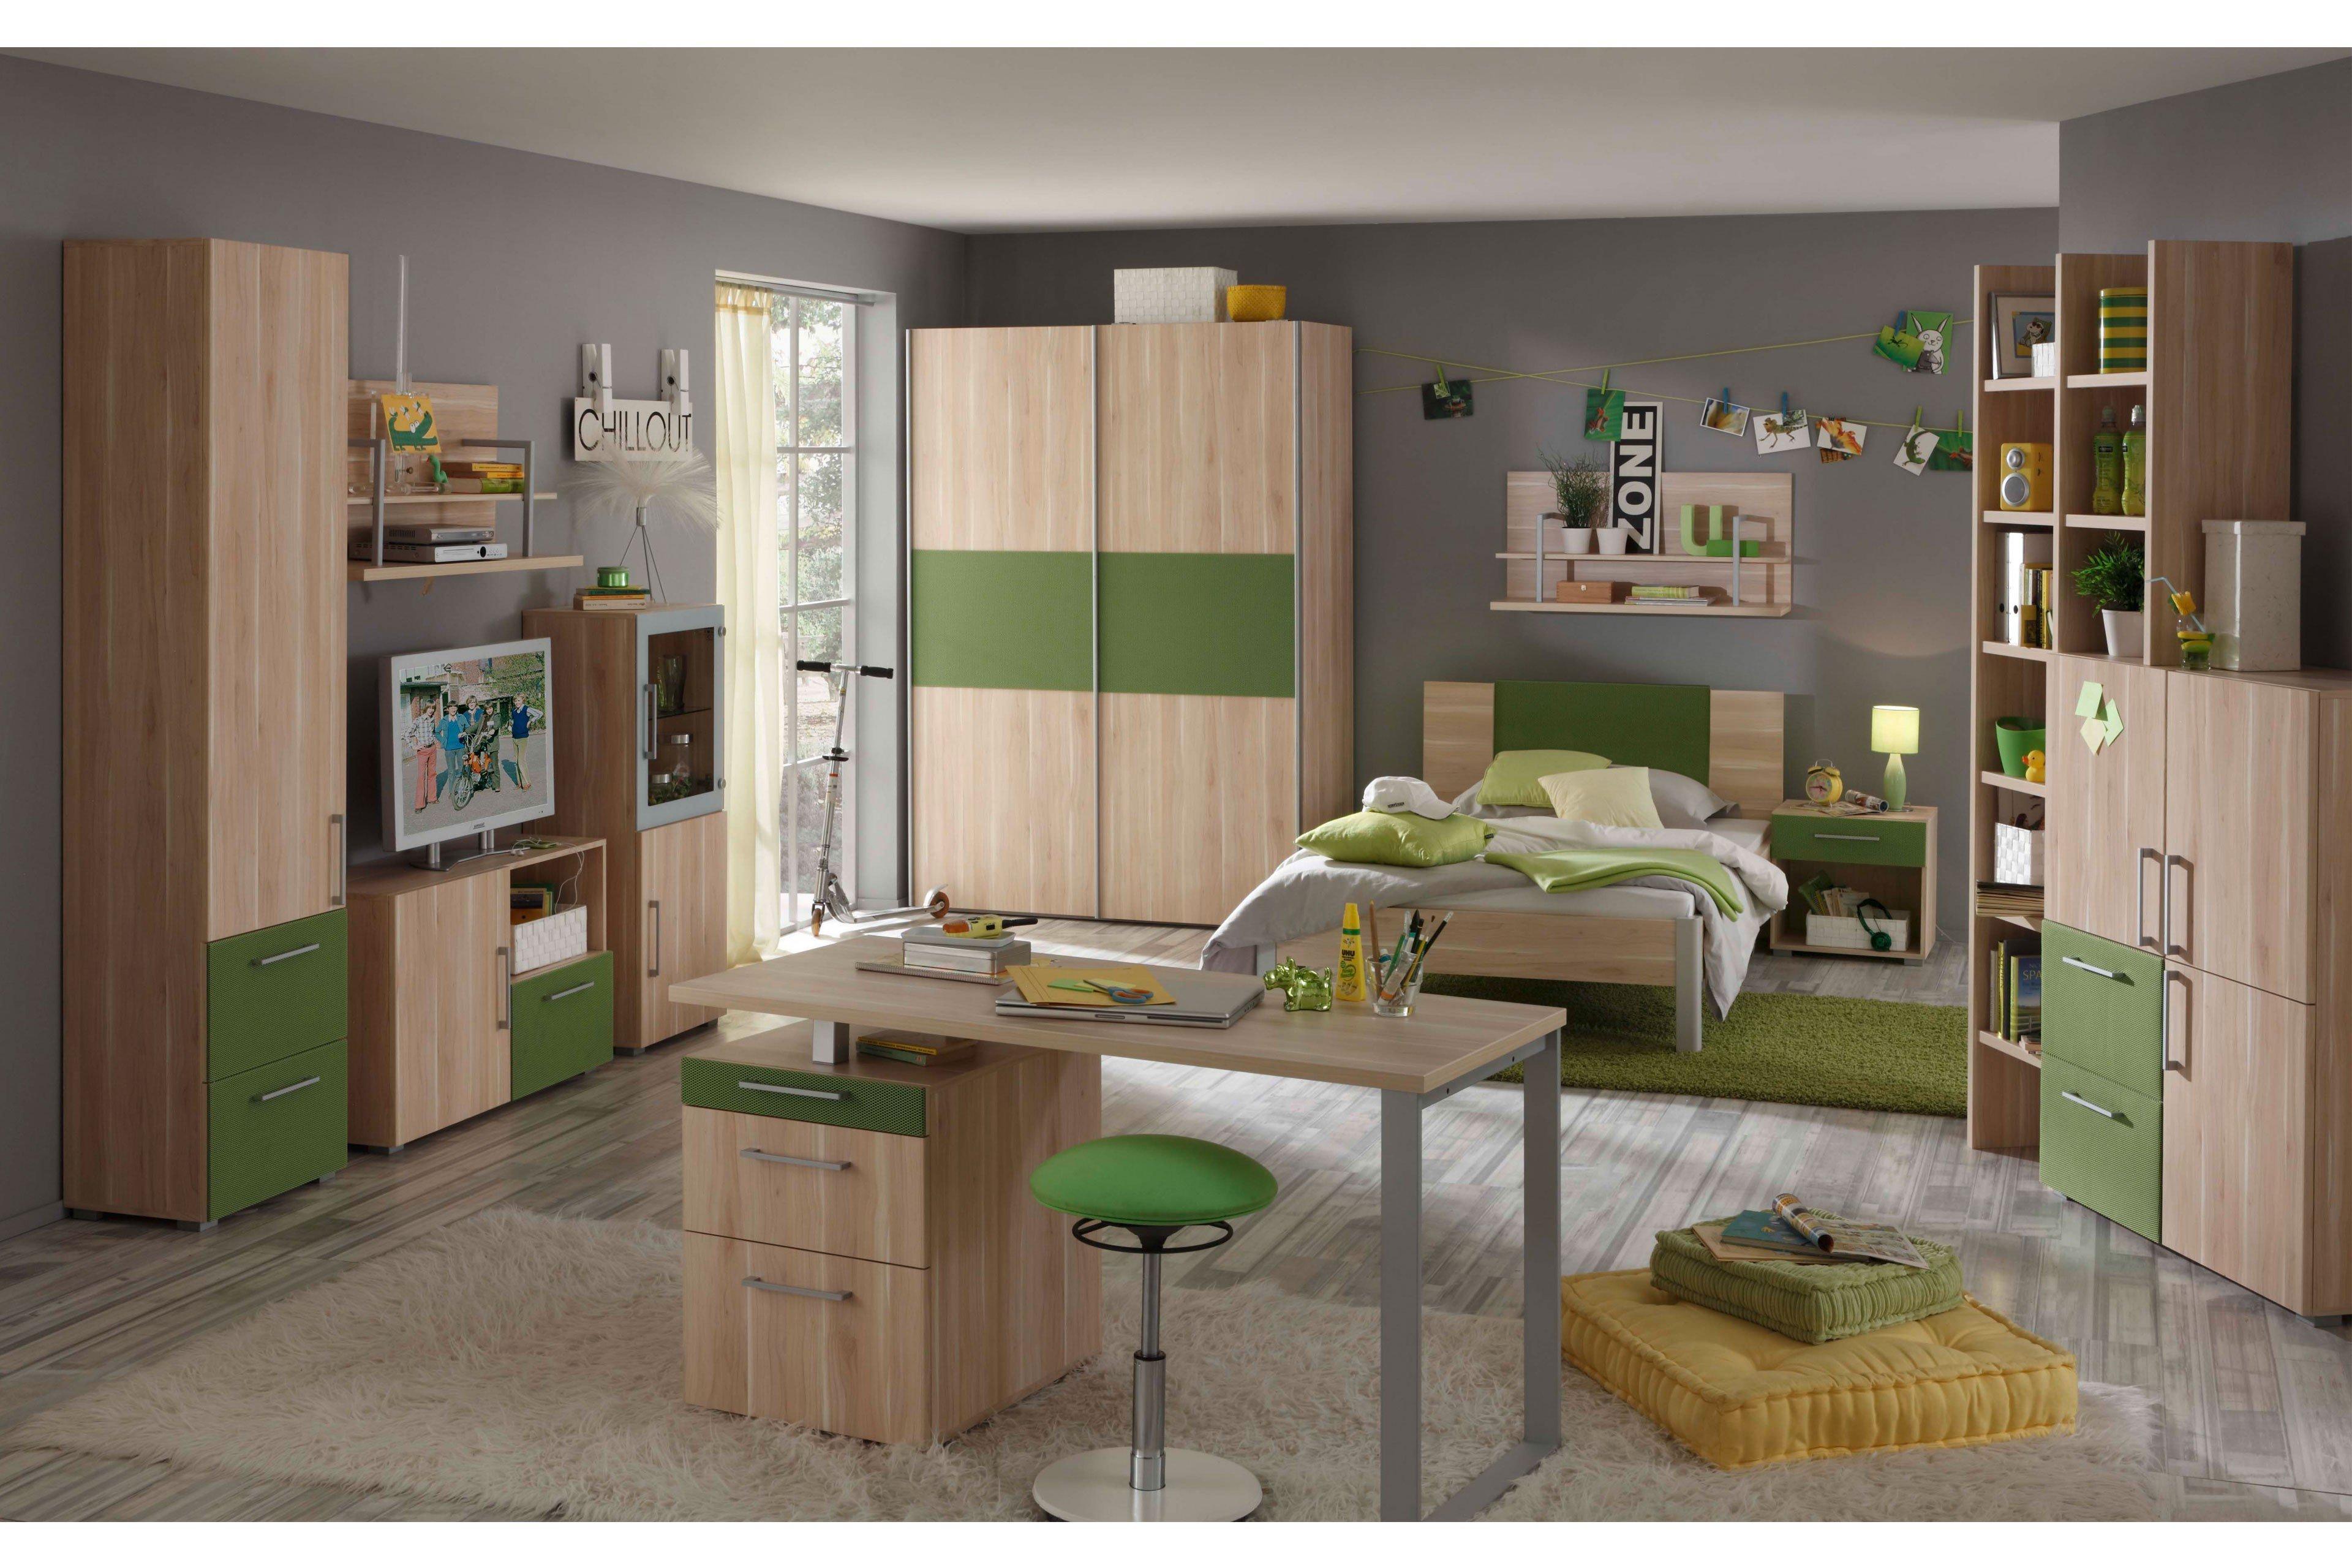 Prenneis Jugendzimmer Enduro Plus Apfelbaum/ grün   Möbel Letz - Ihr ...